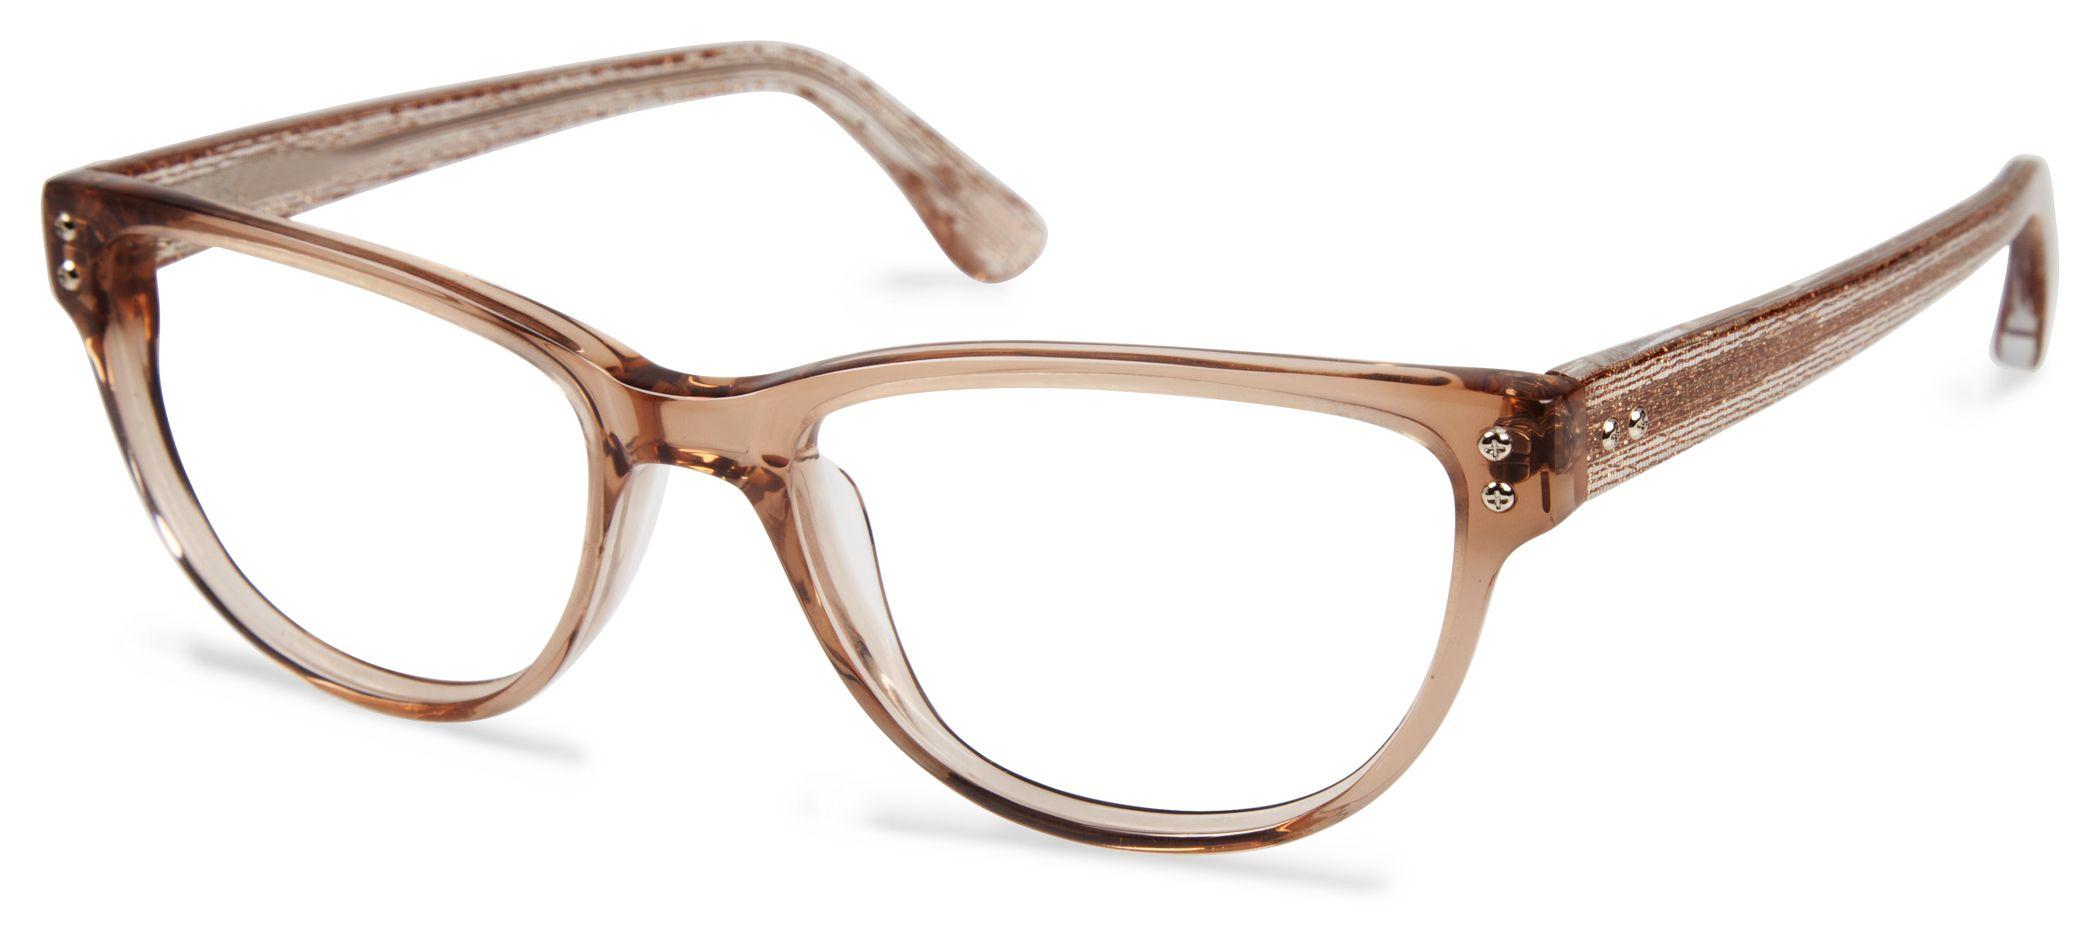 No.45 Glasses - Designer Frames For Women | Rowley Eyewear | Fashion ...